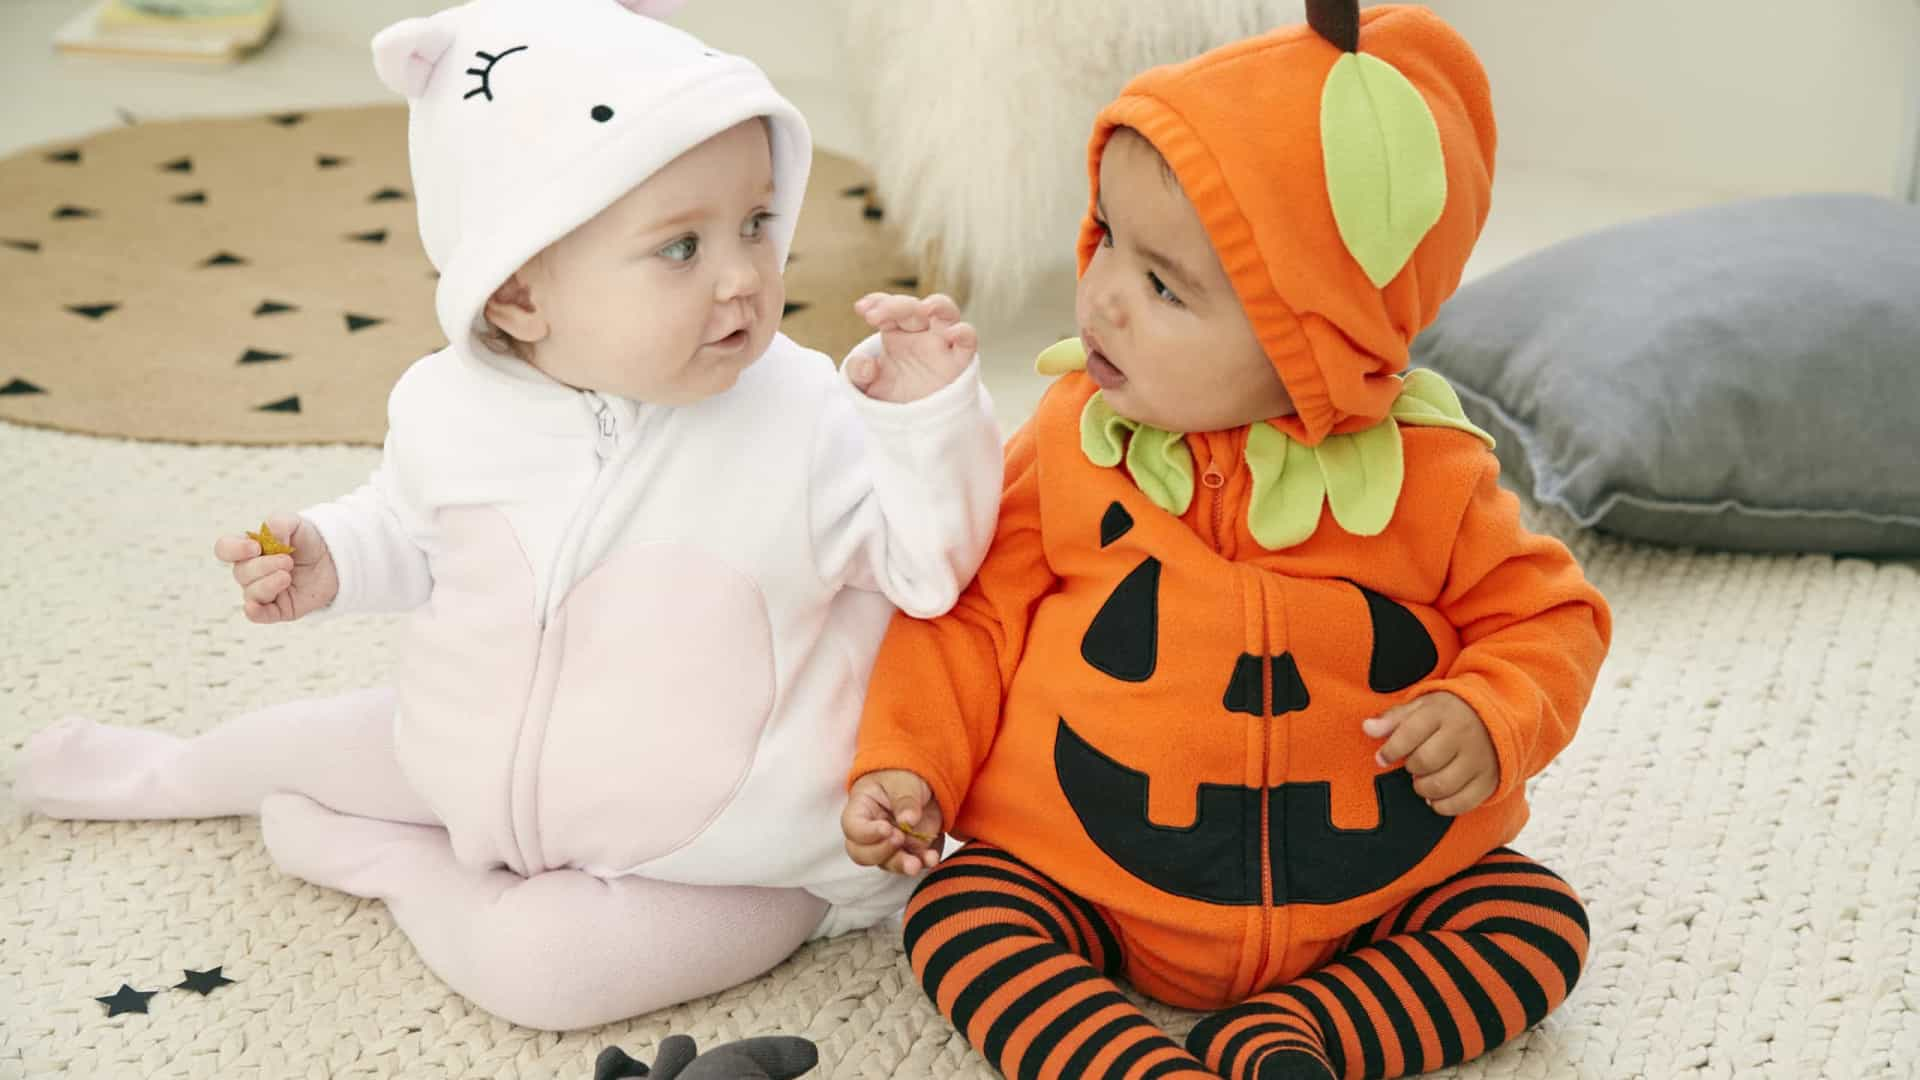 Fantasias de abóbora e unicórnio. Primark lança coleção fofa de Halloween